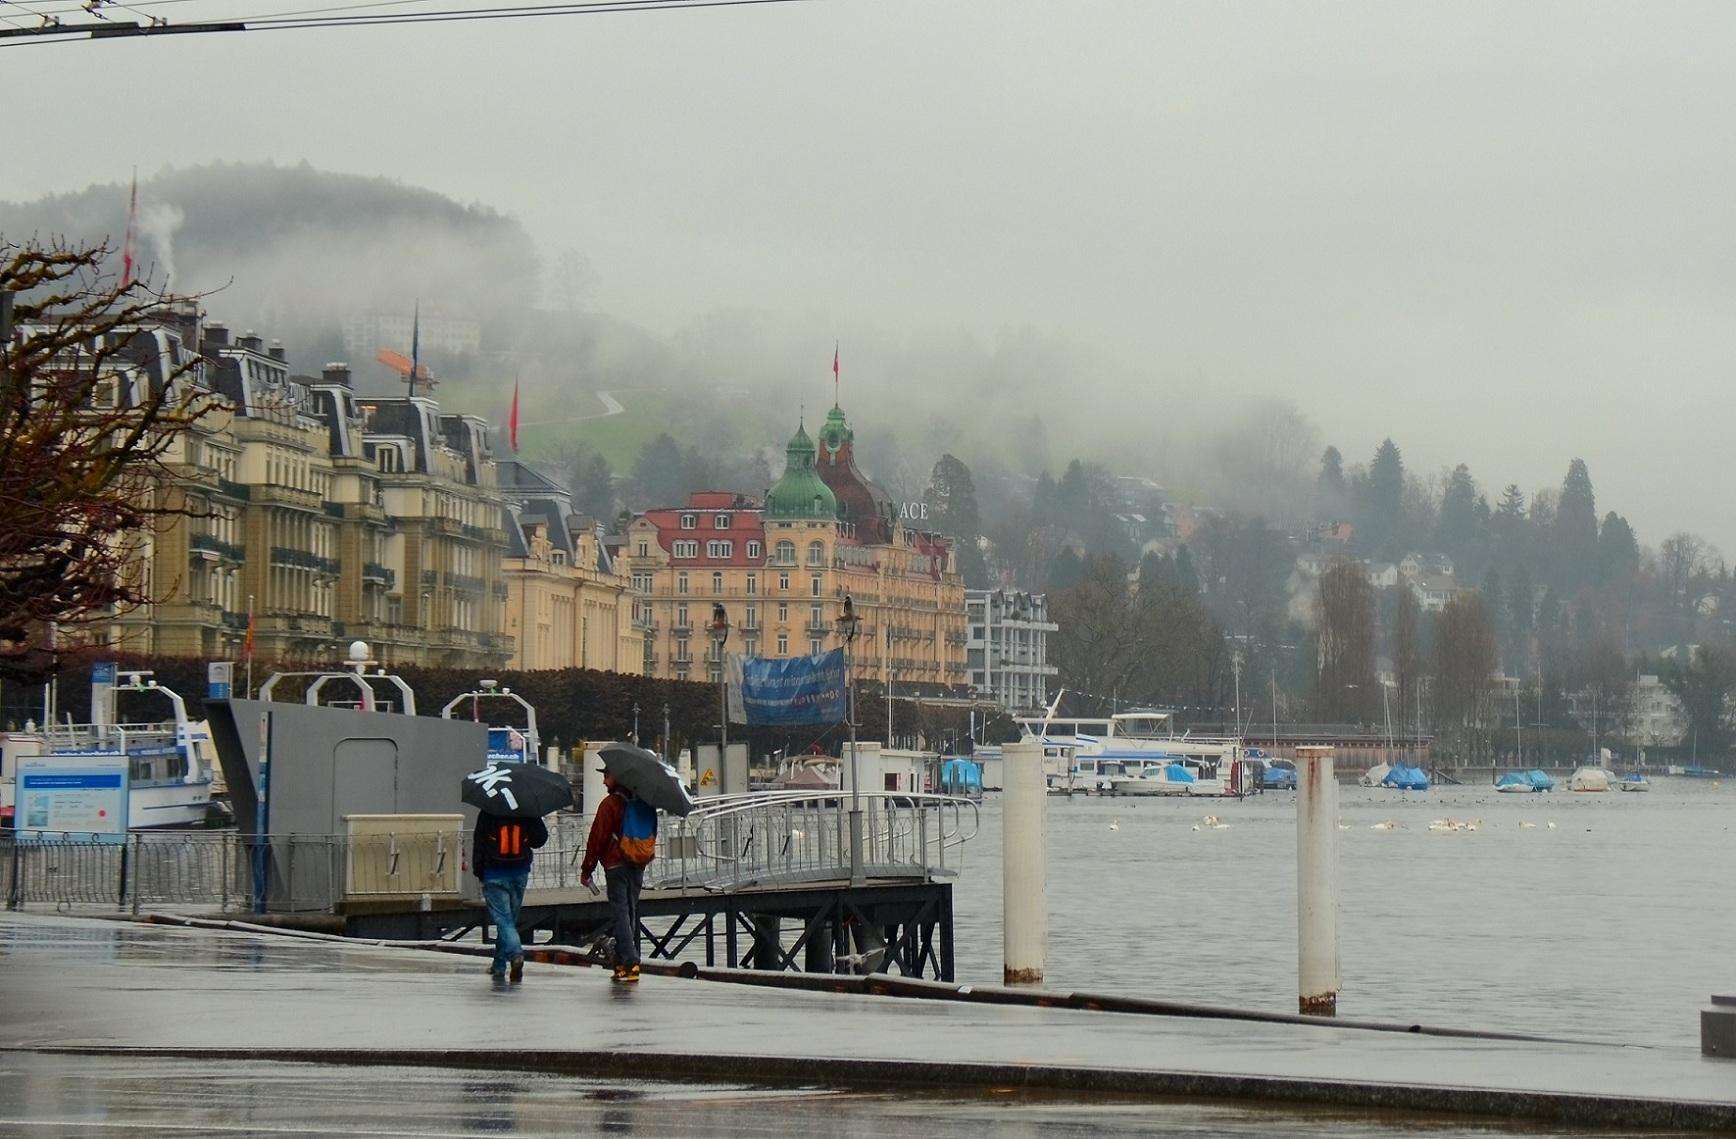 蓝桥摄影作品:烟雨蒙蒙